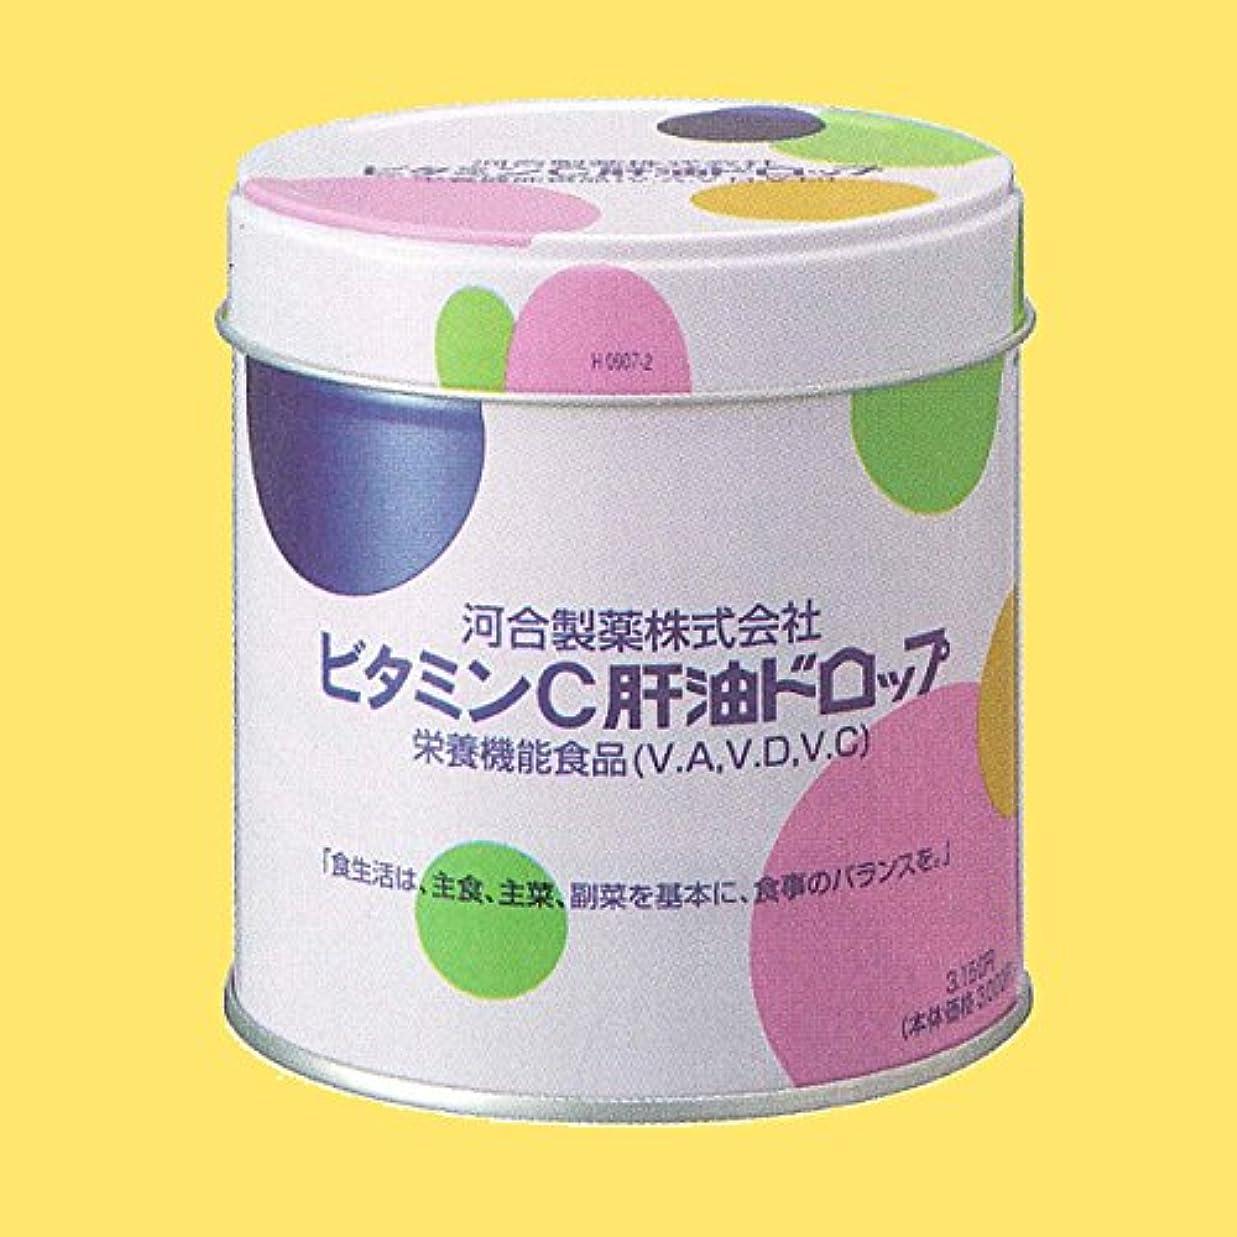 書くスパン率直な河合製薬 ビタミンC肝油ドロップ 300粒